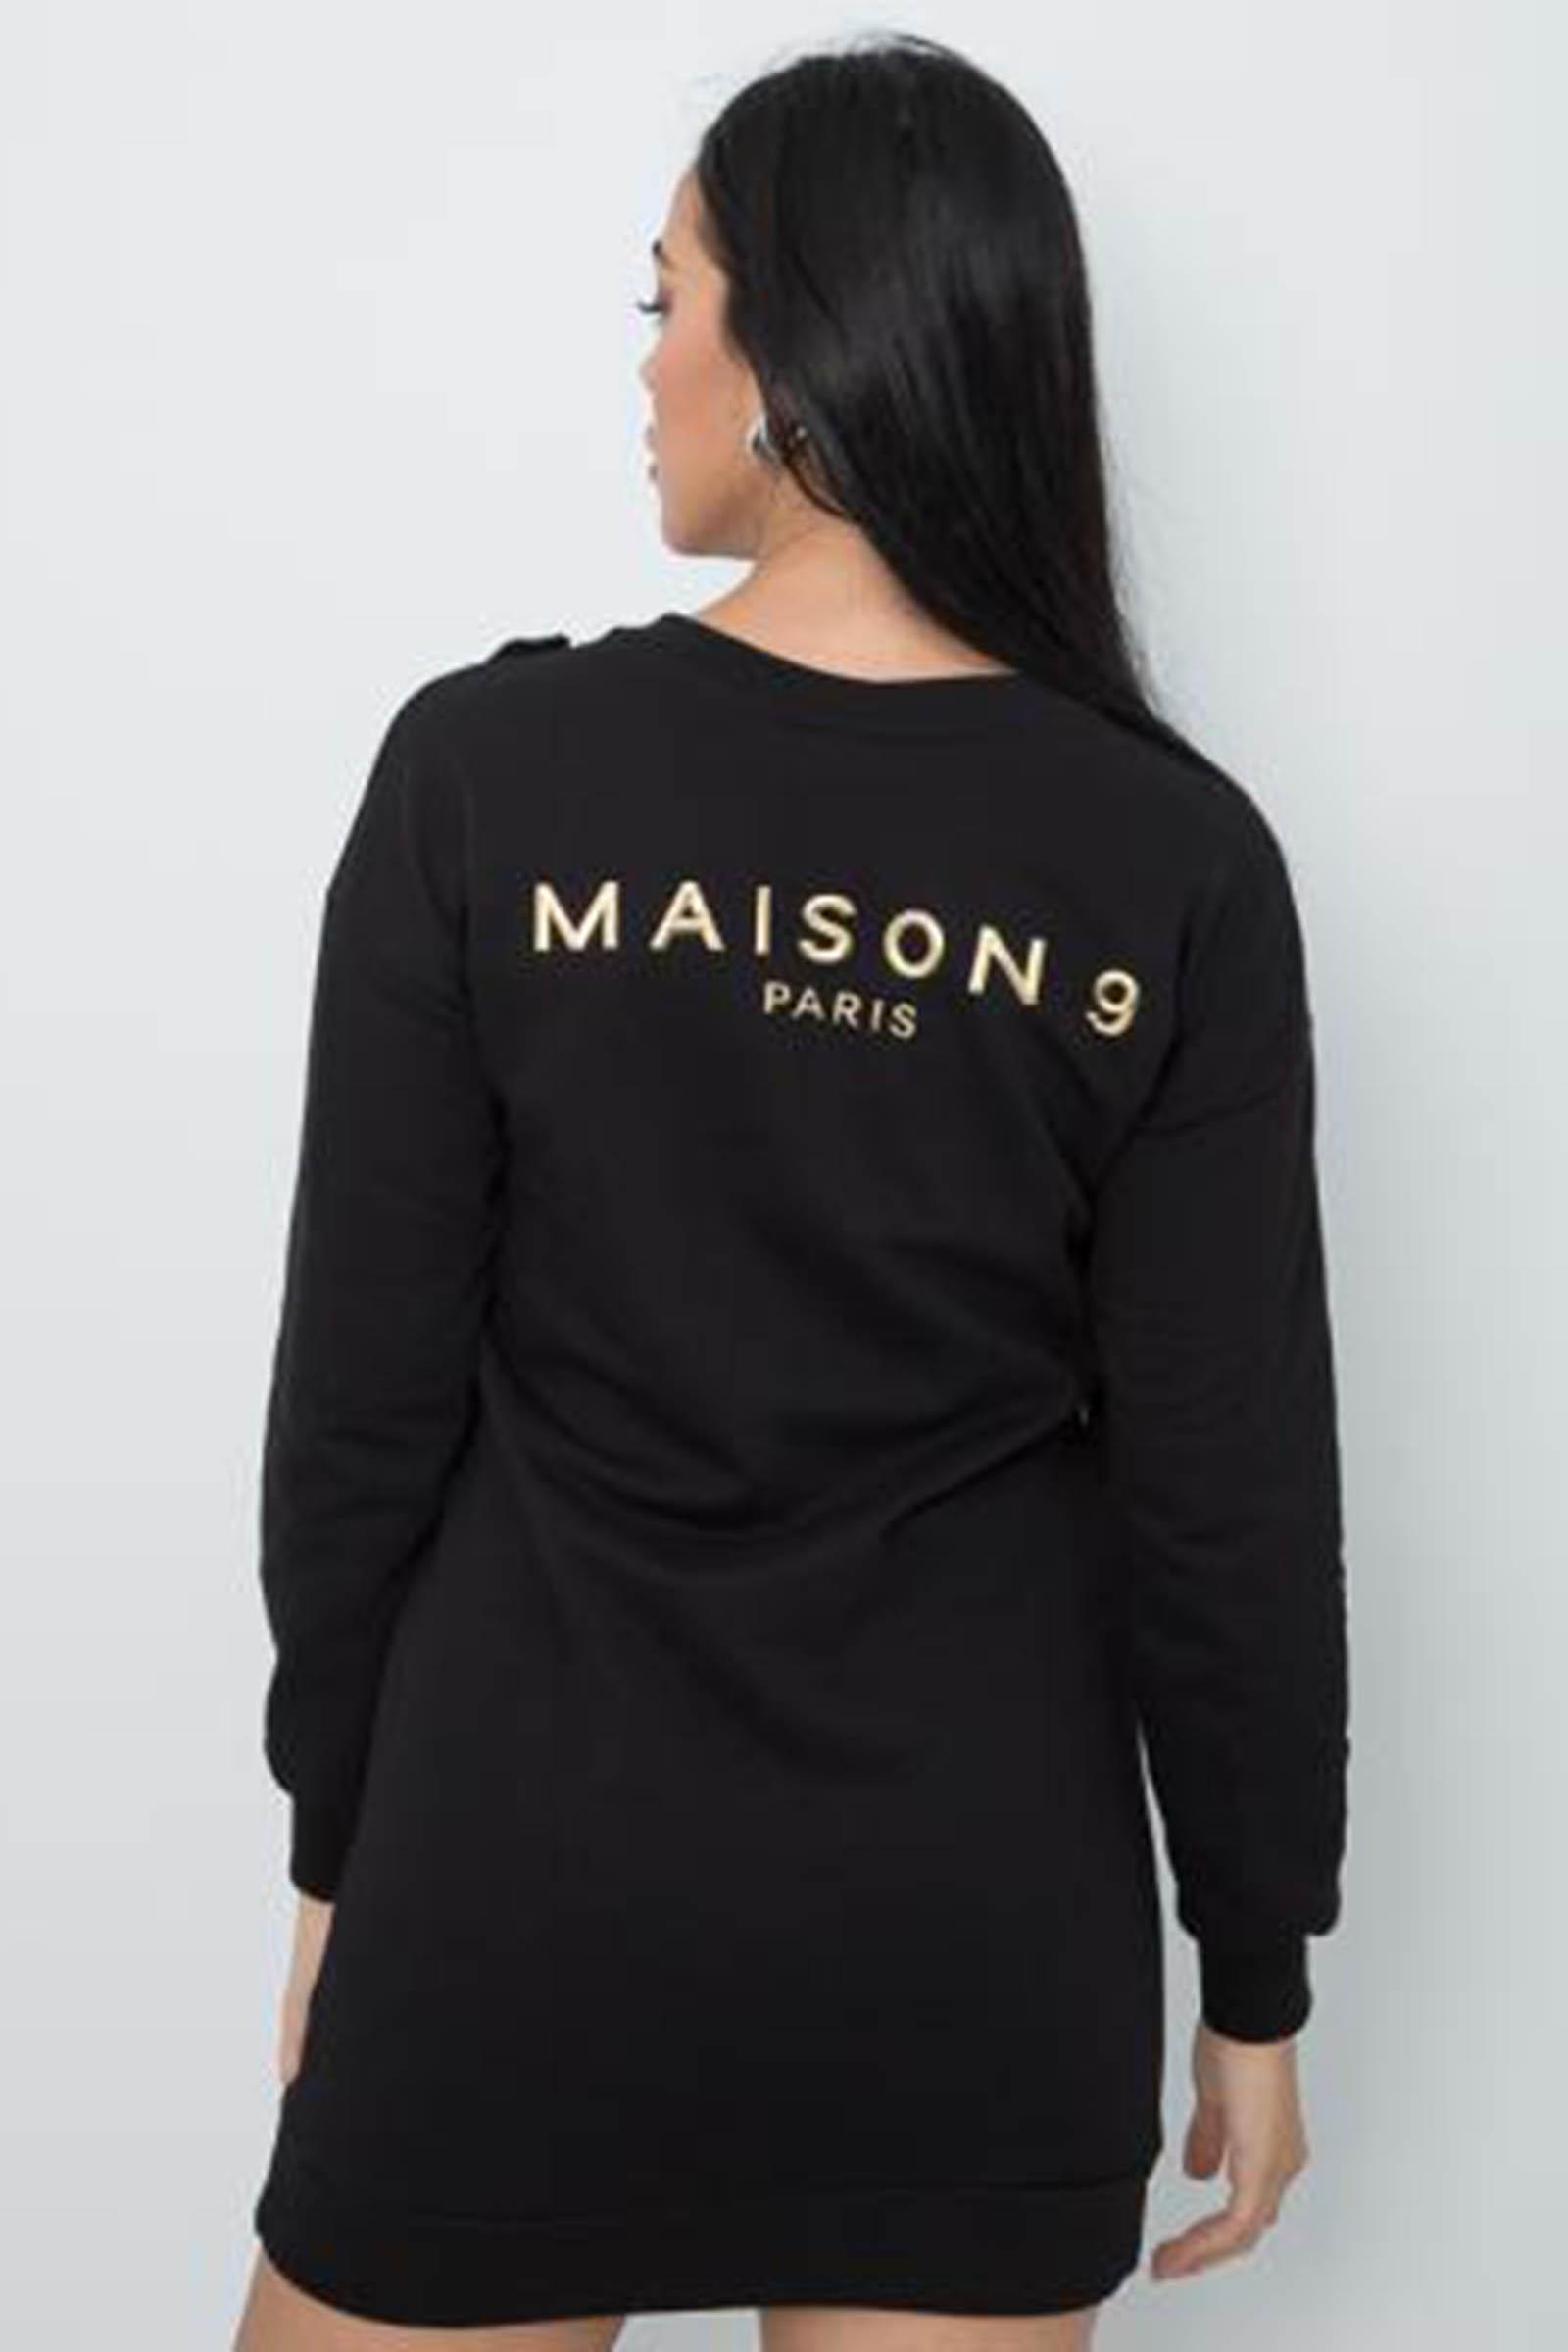 MAISON 9 PARIS | Abito | M9FA70961